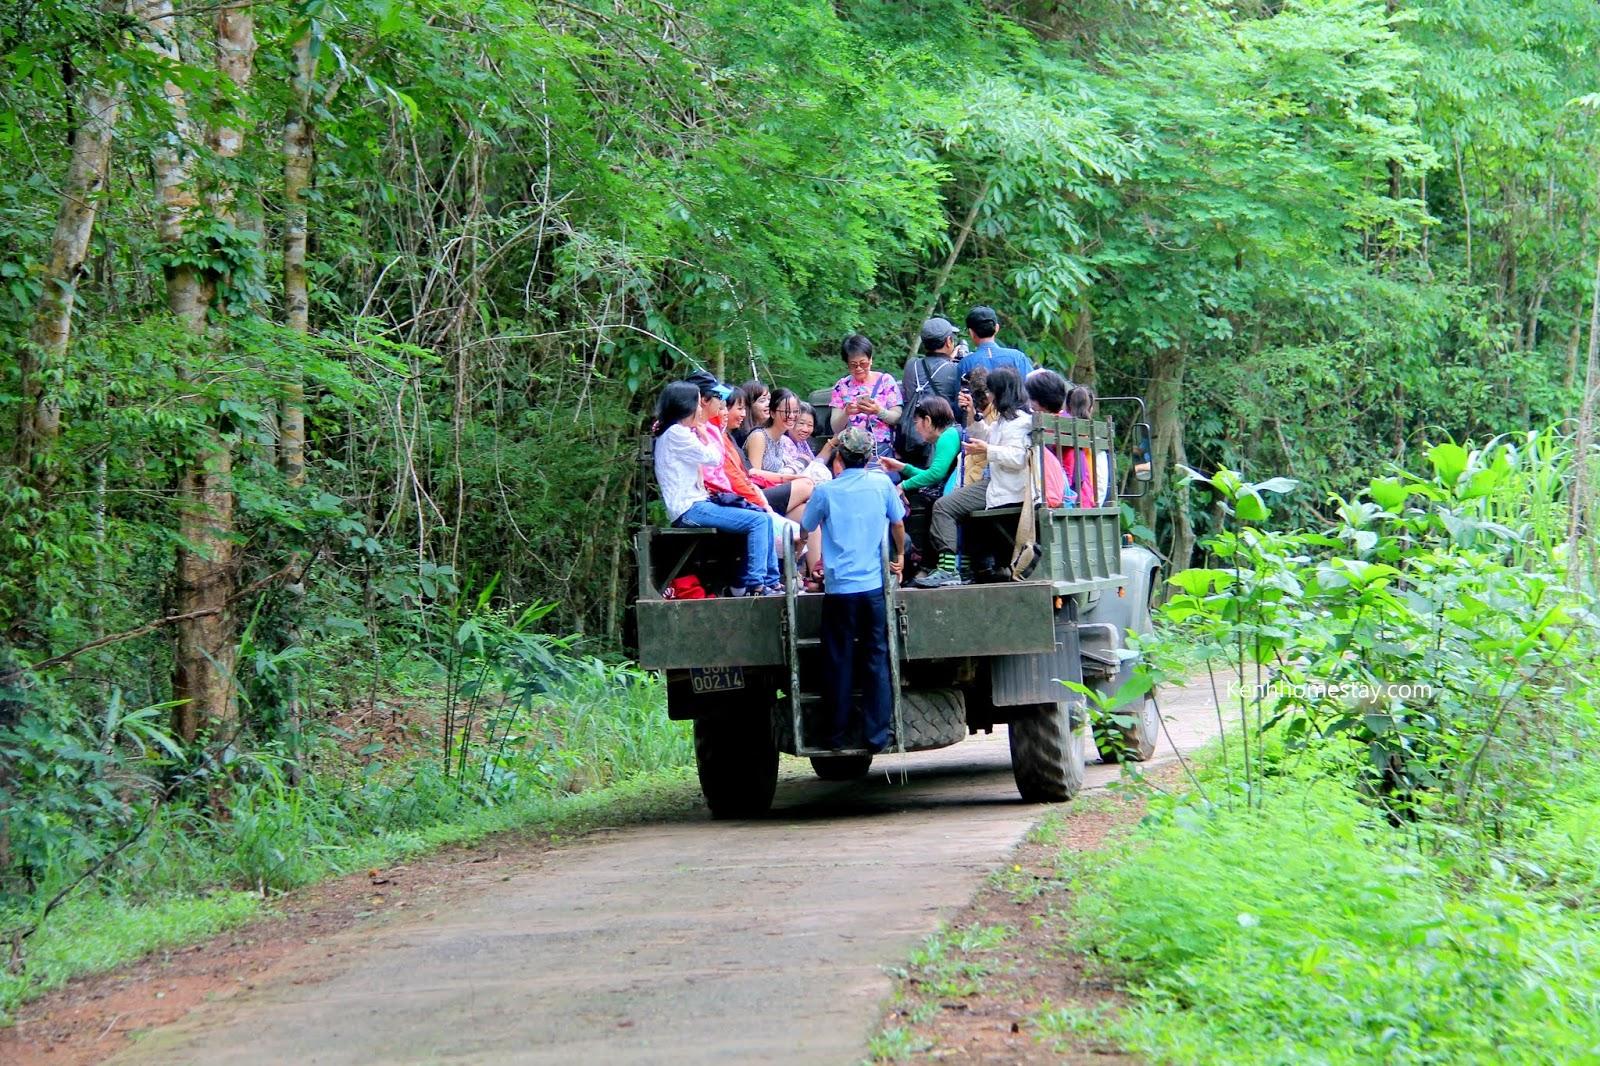 Bàu Sấu - Điểm đến nổi bật đáng phượt và khám phá nhất vườn quốc gia Cát Tiên